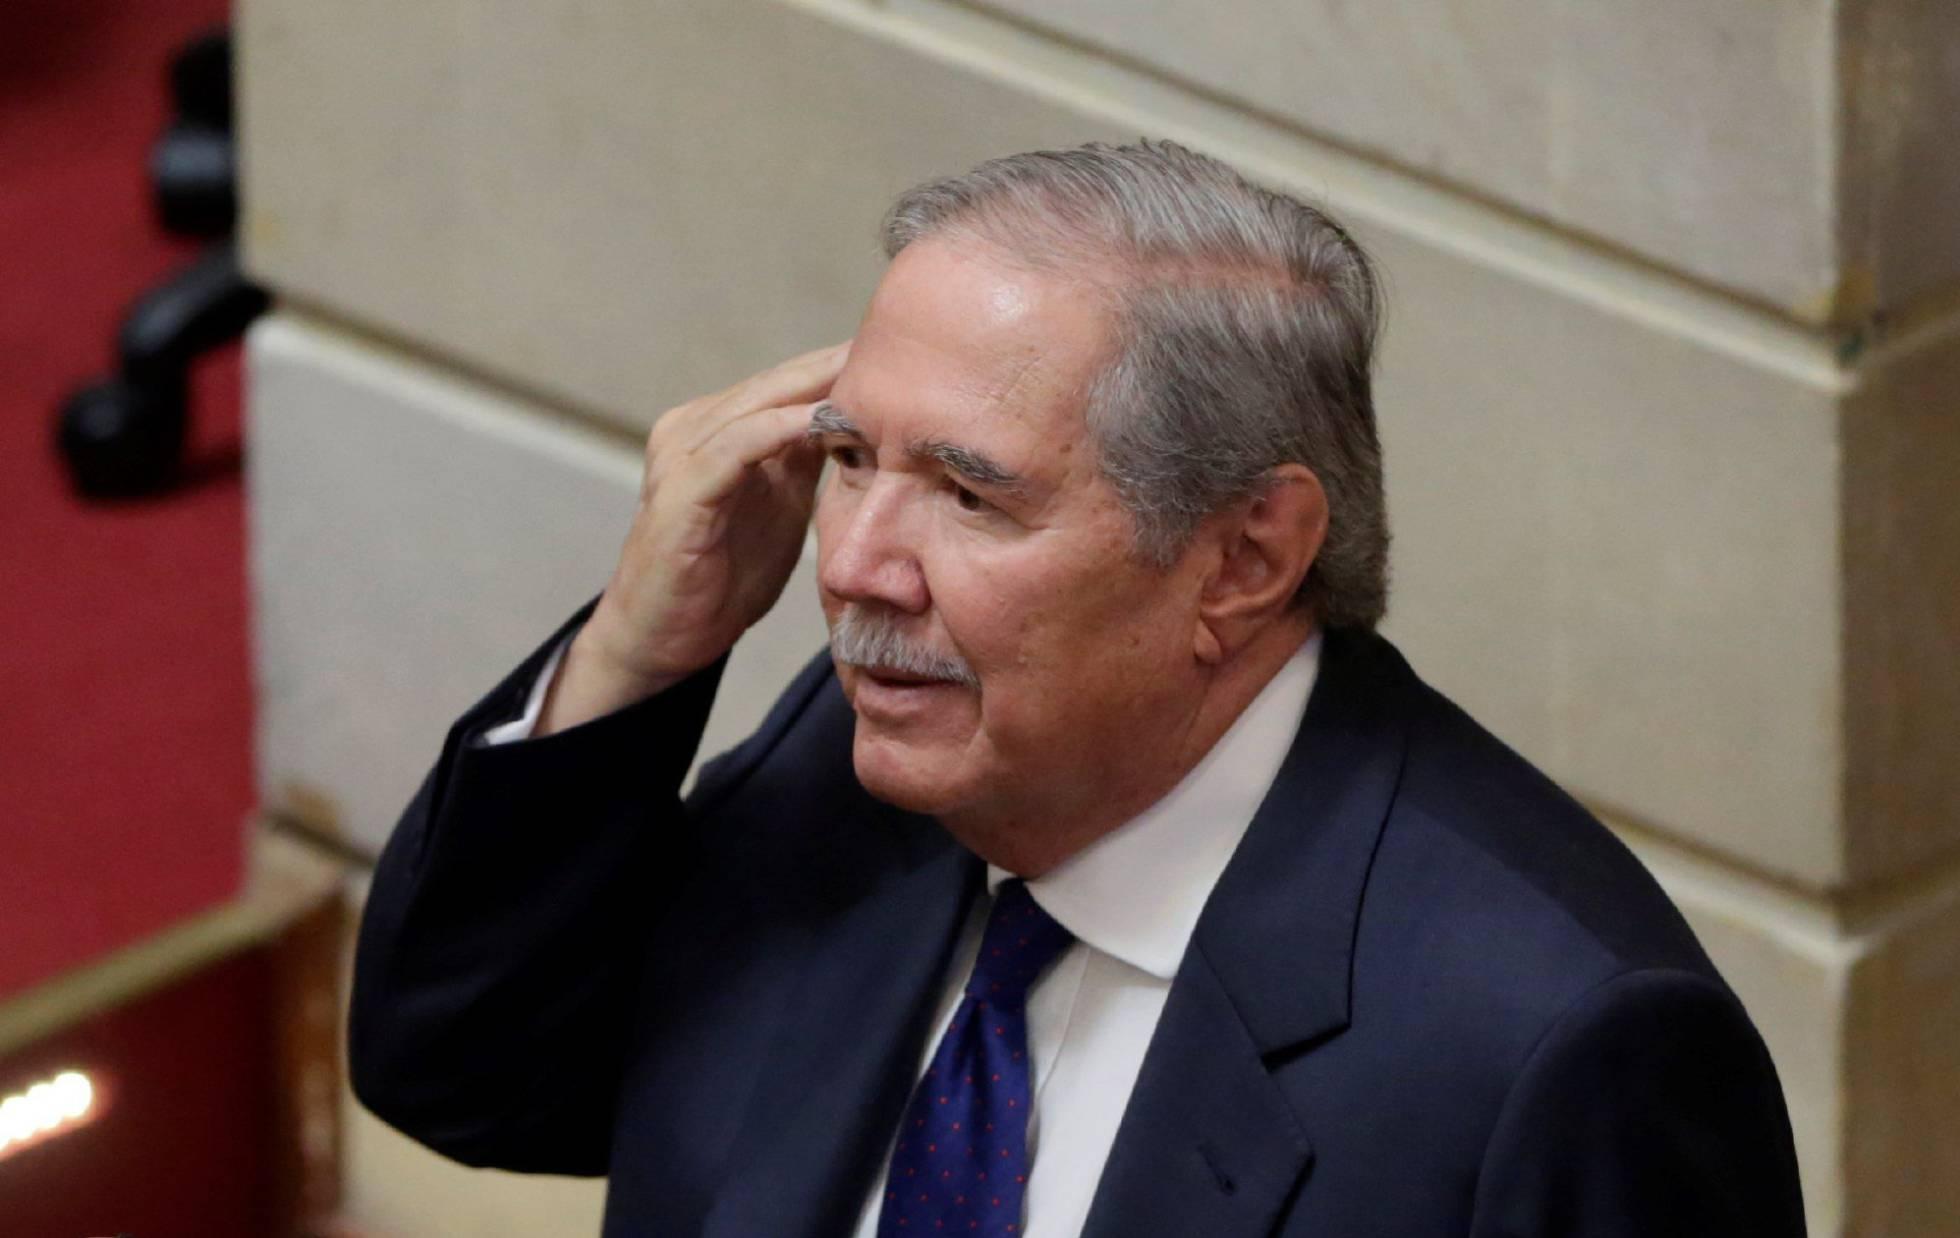 Cámara de representantes de colombia muestra apoyo a Guillermo Botero, cuestionado por gestión militar